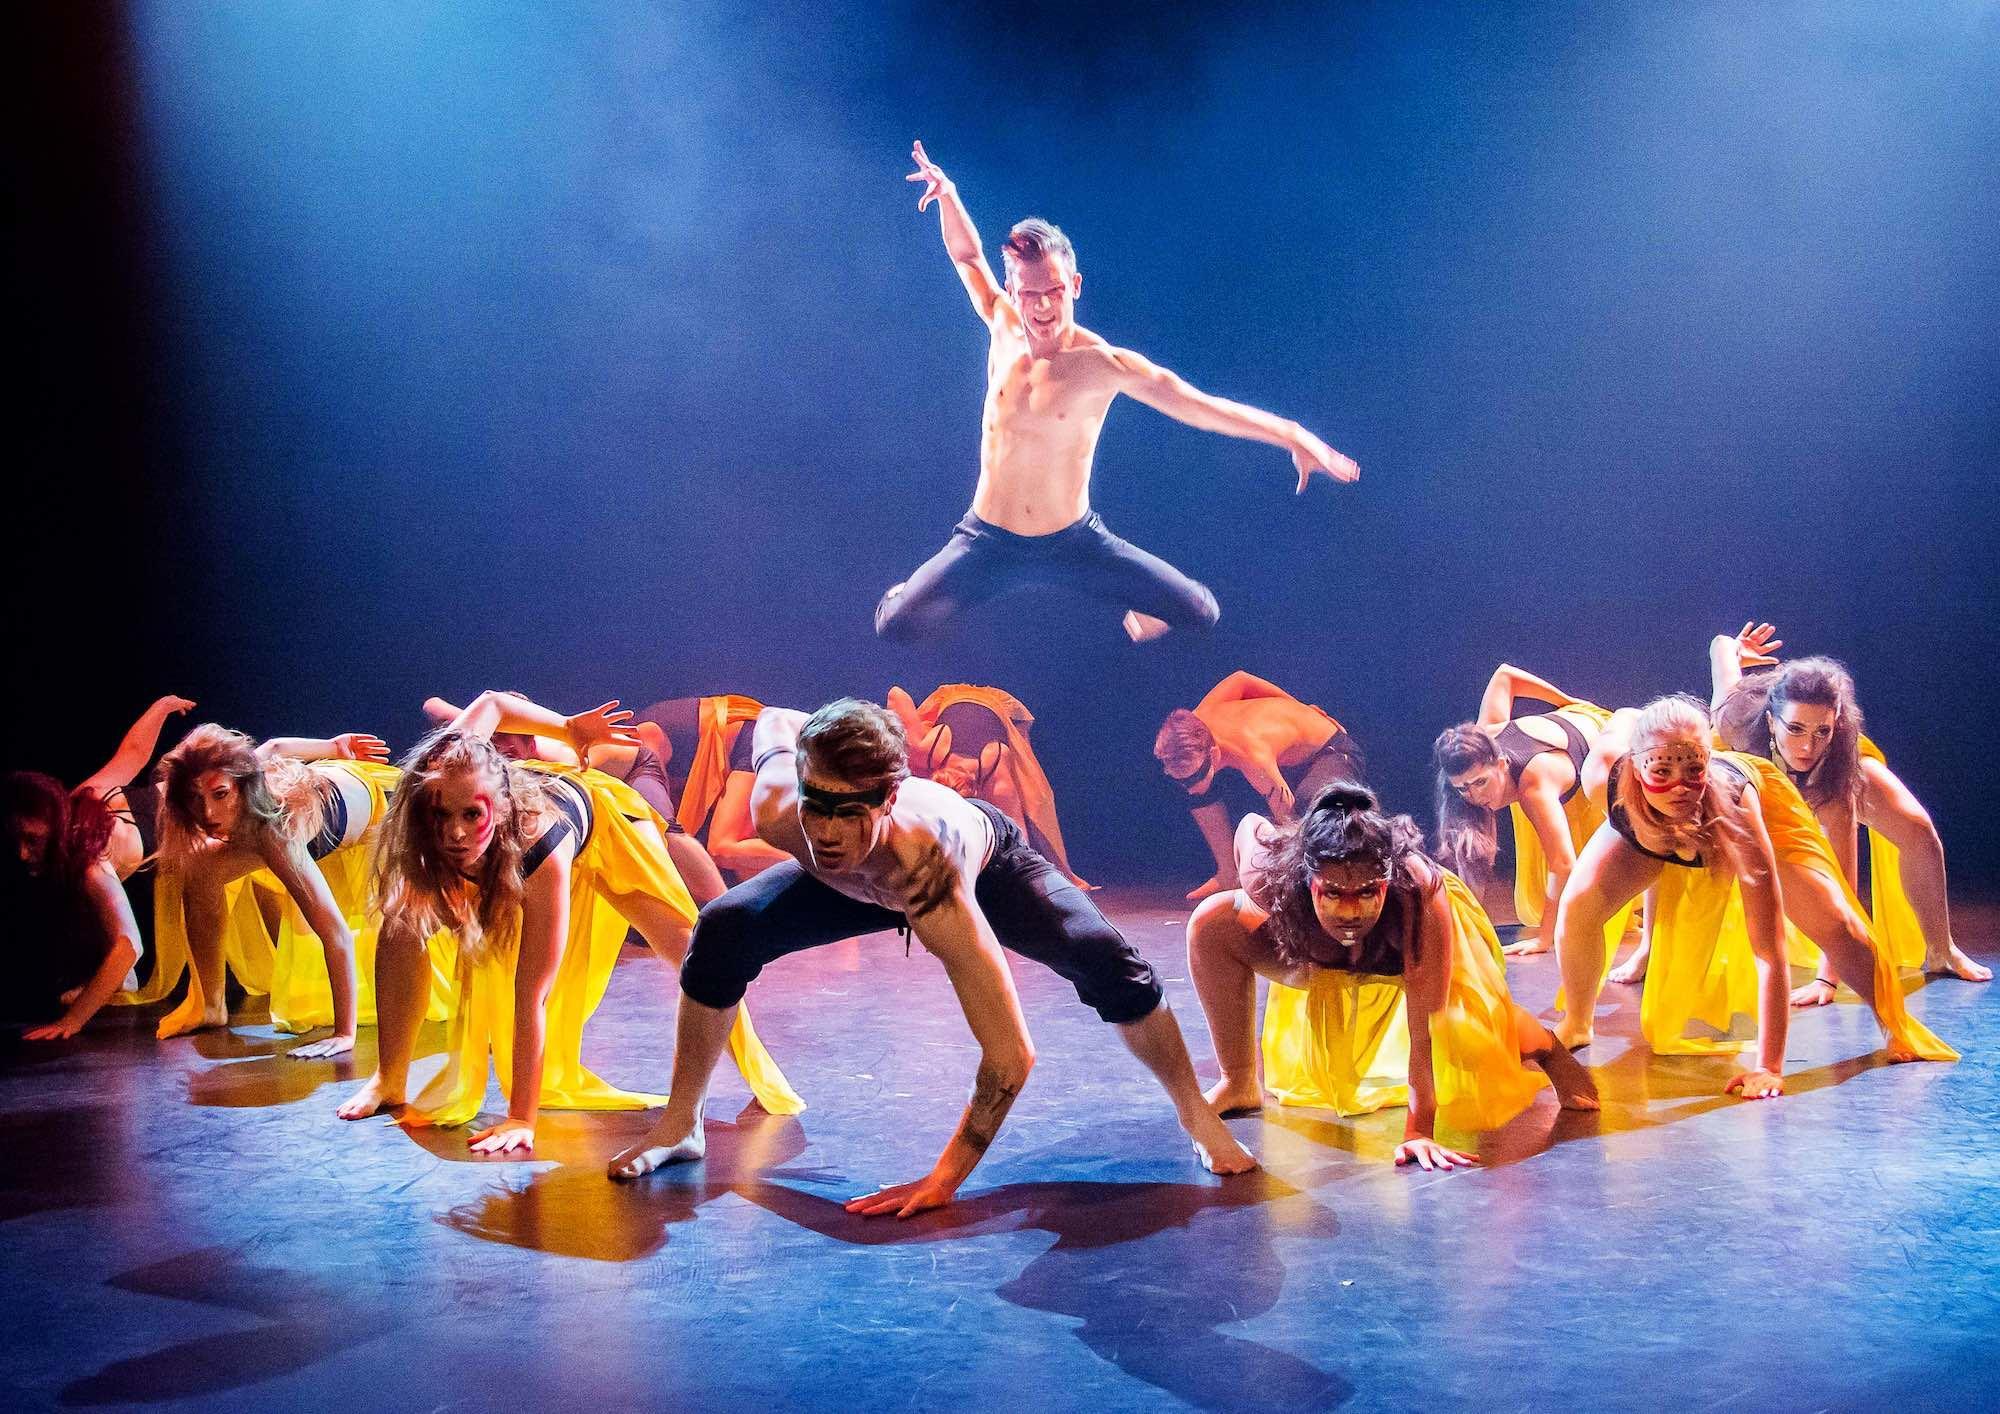 Musicalworkshop Basel, Tanzworkshop Basel, Gesangsworkshop Basel, Schauspielworkshop Basel